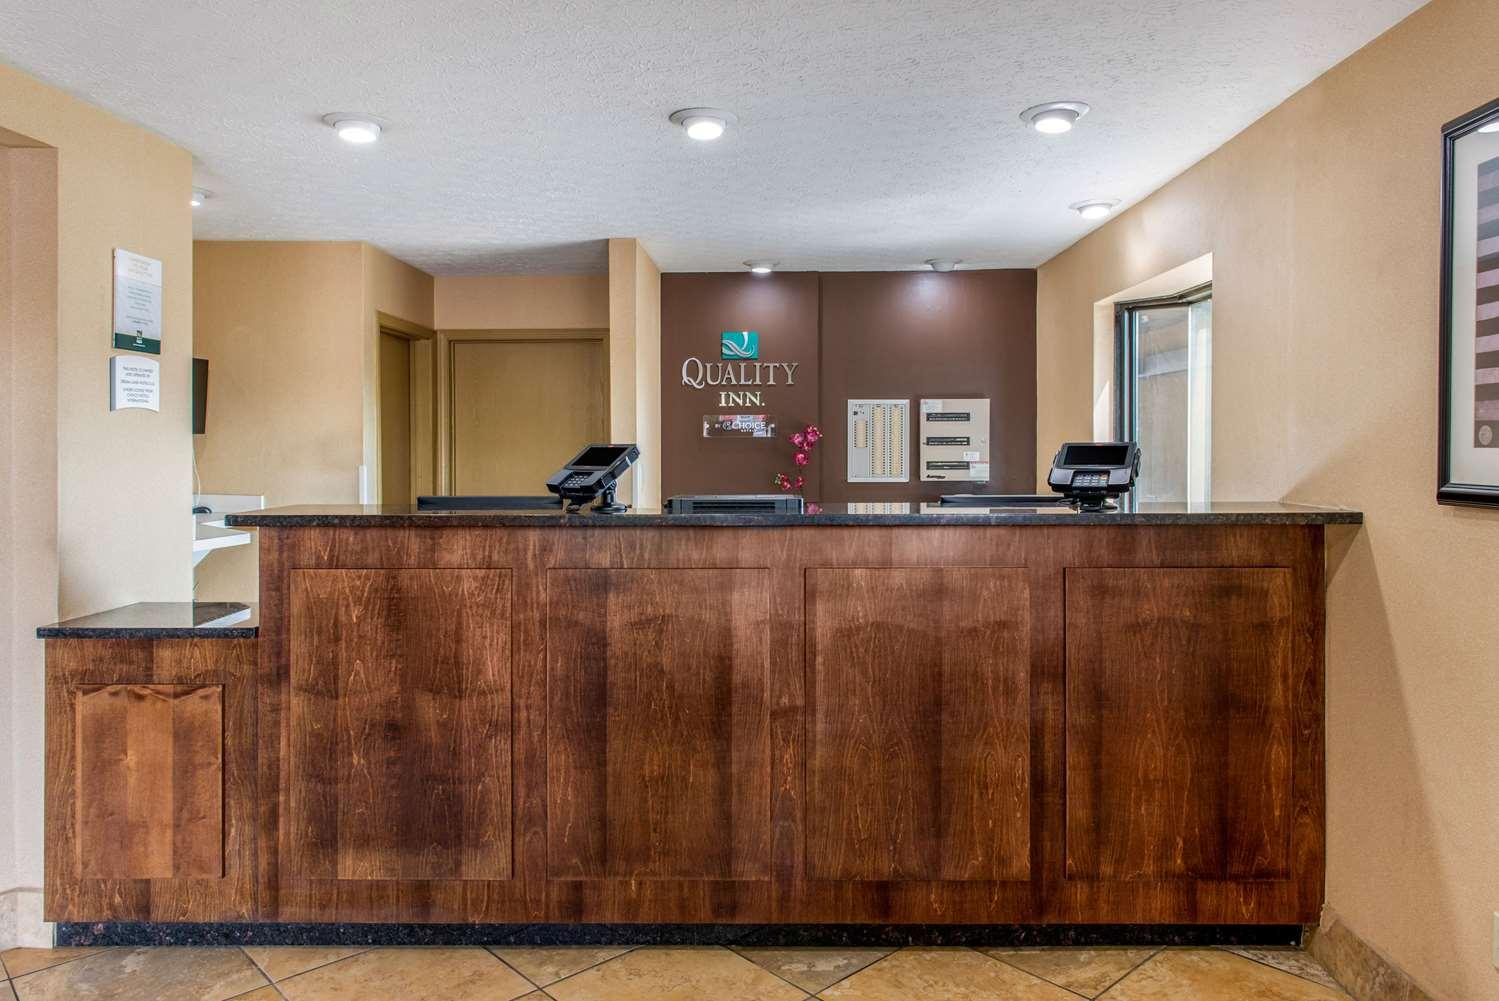 Lobby - Quality Inn Reynoldsburg